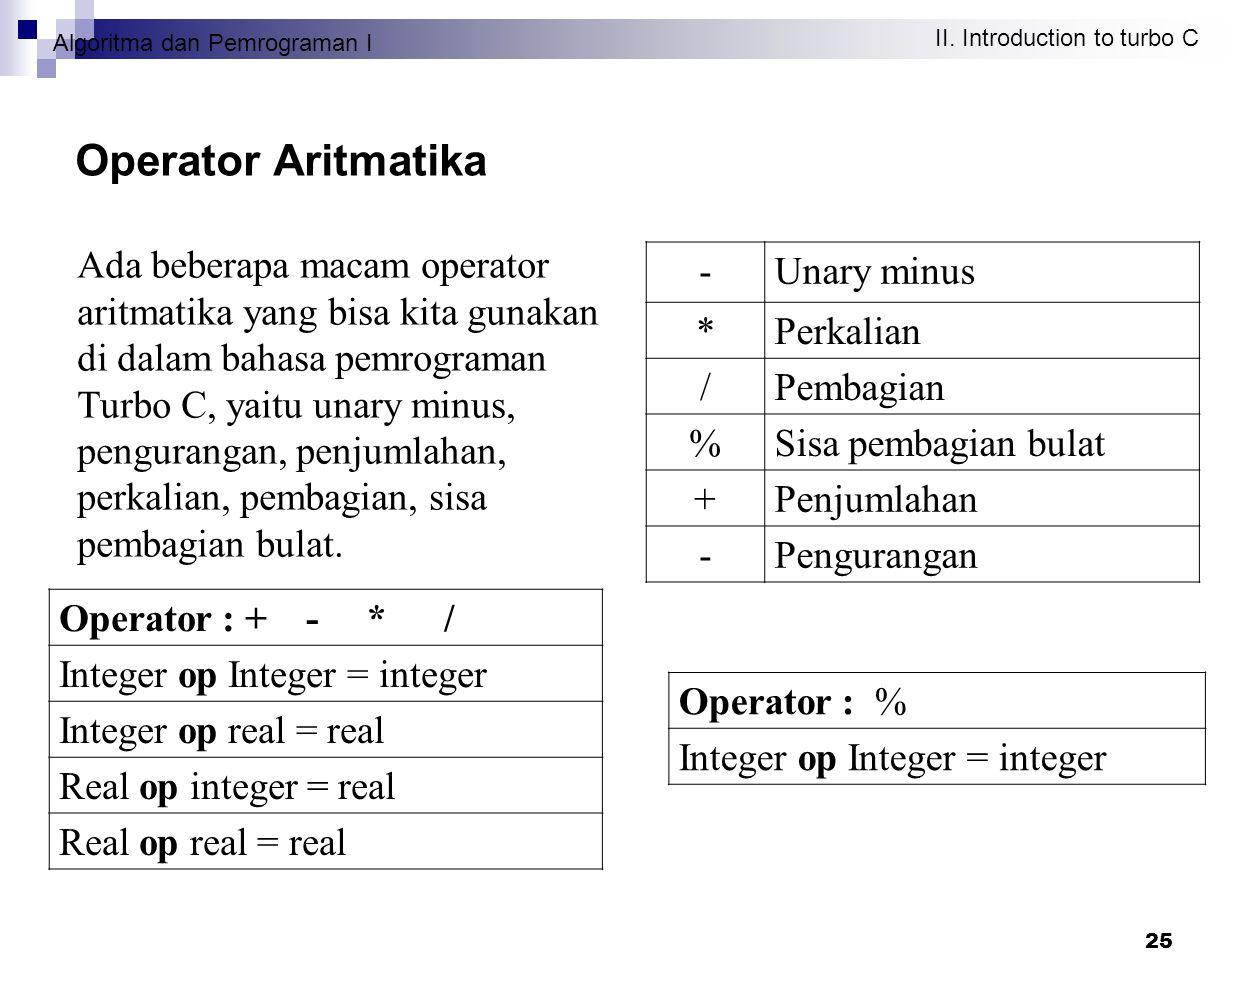 Algoritma dan Pemrograman I II. Introduction to turbo C 25 Operator Aritmatika Ada beberapa macam operator aritmatika yang bisa kita gunakan di dalam